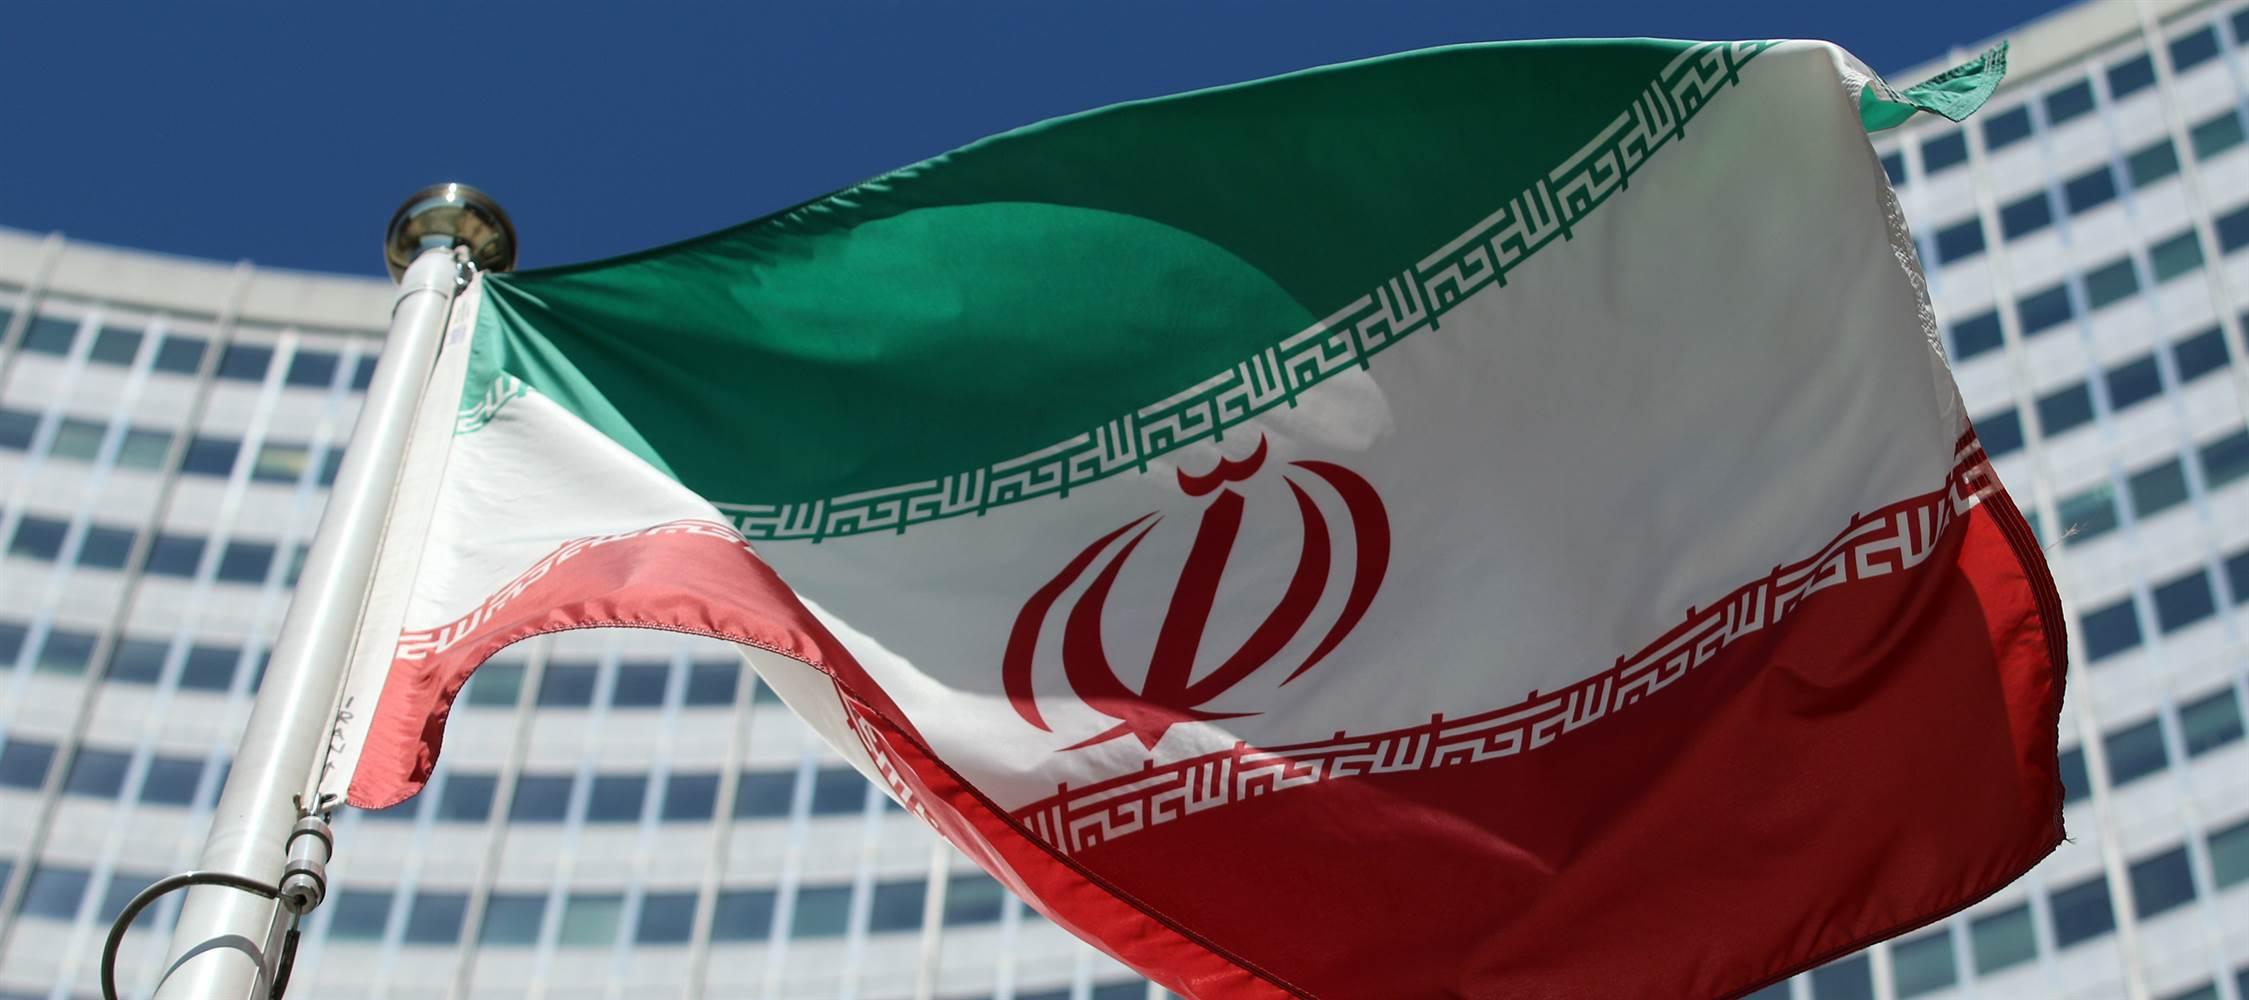 ماهي الدولتان العربيتان التي طلبتا من امريكا ضرب ايران؟